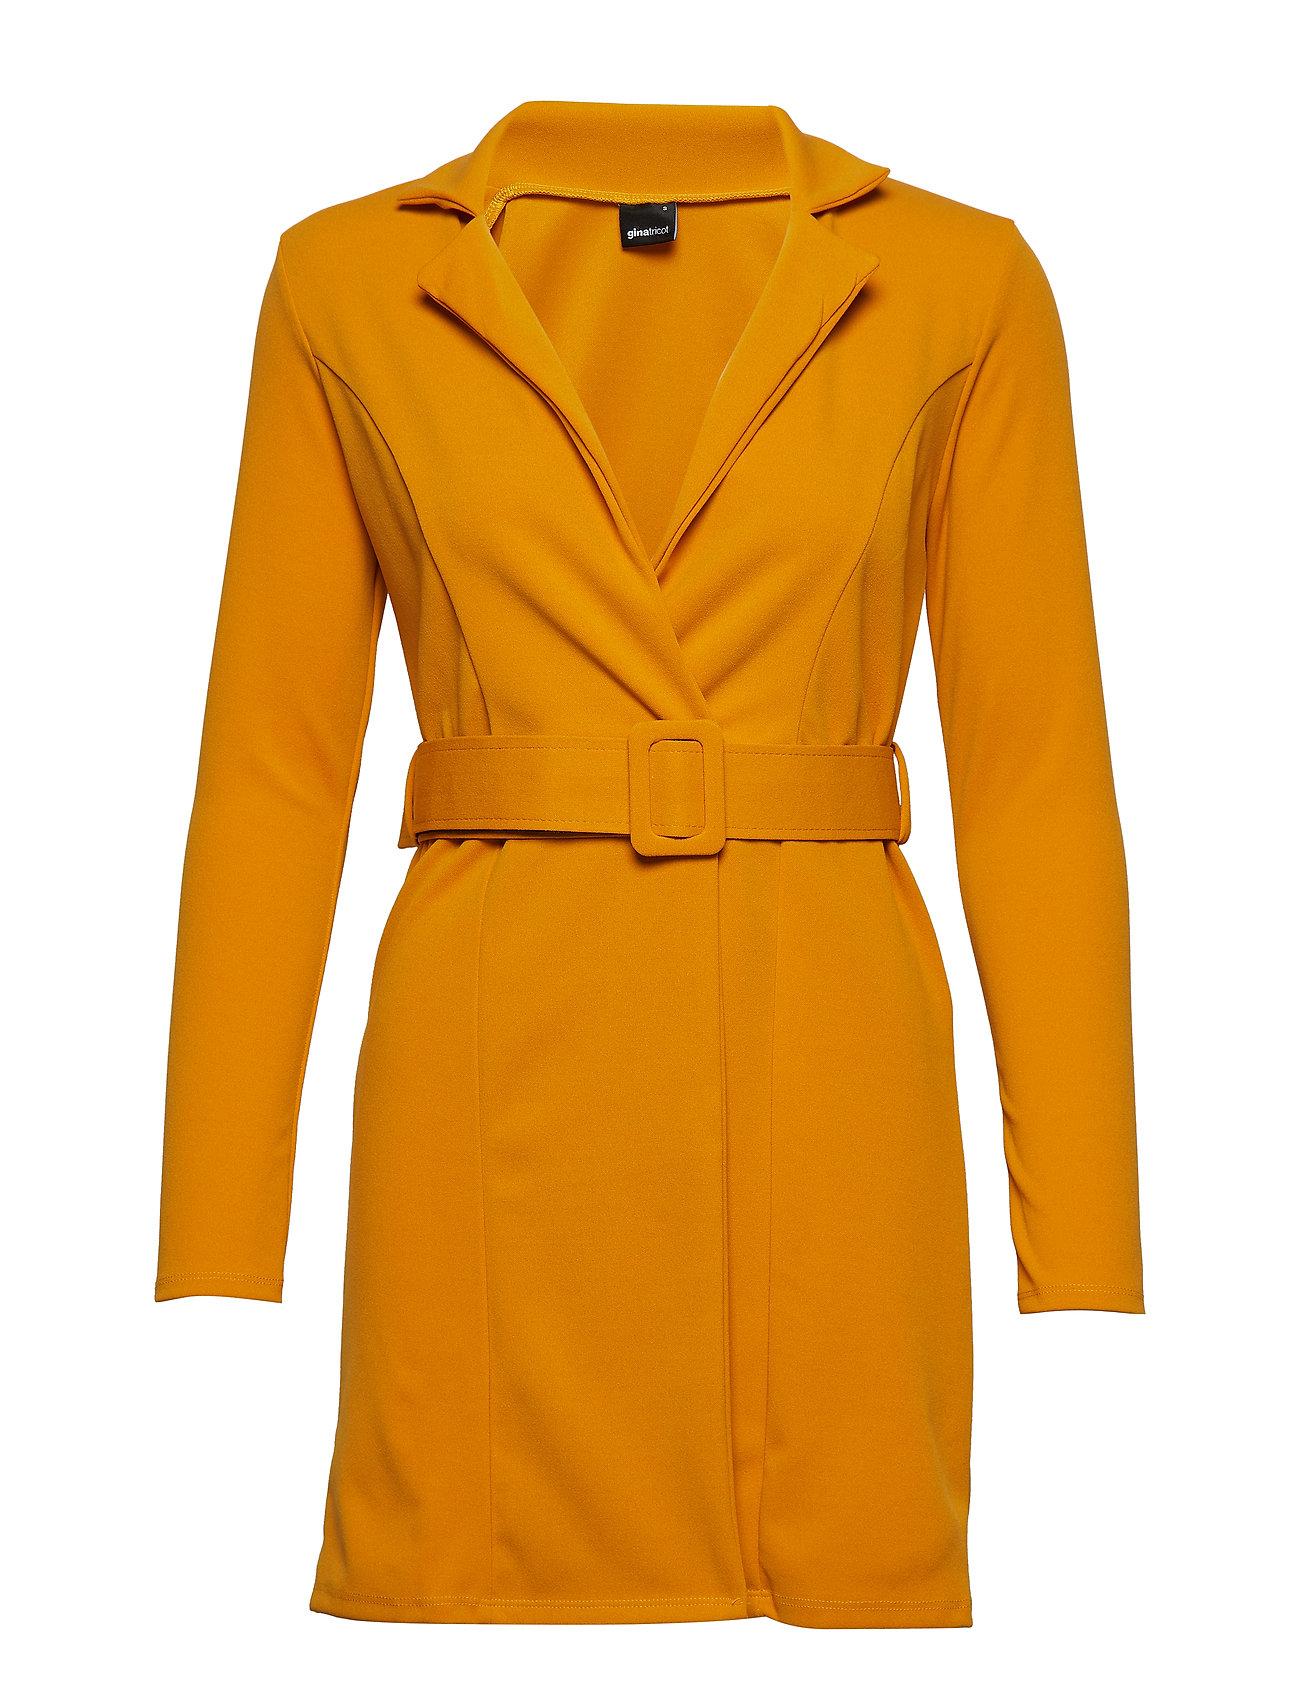 Bea Blazer Dress Kort Kjole Orange GINA TRICOT